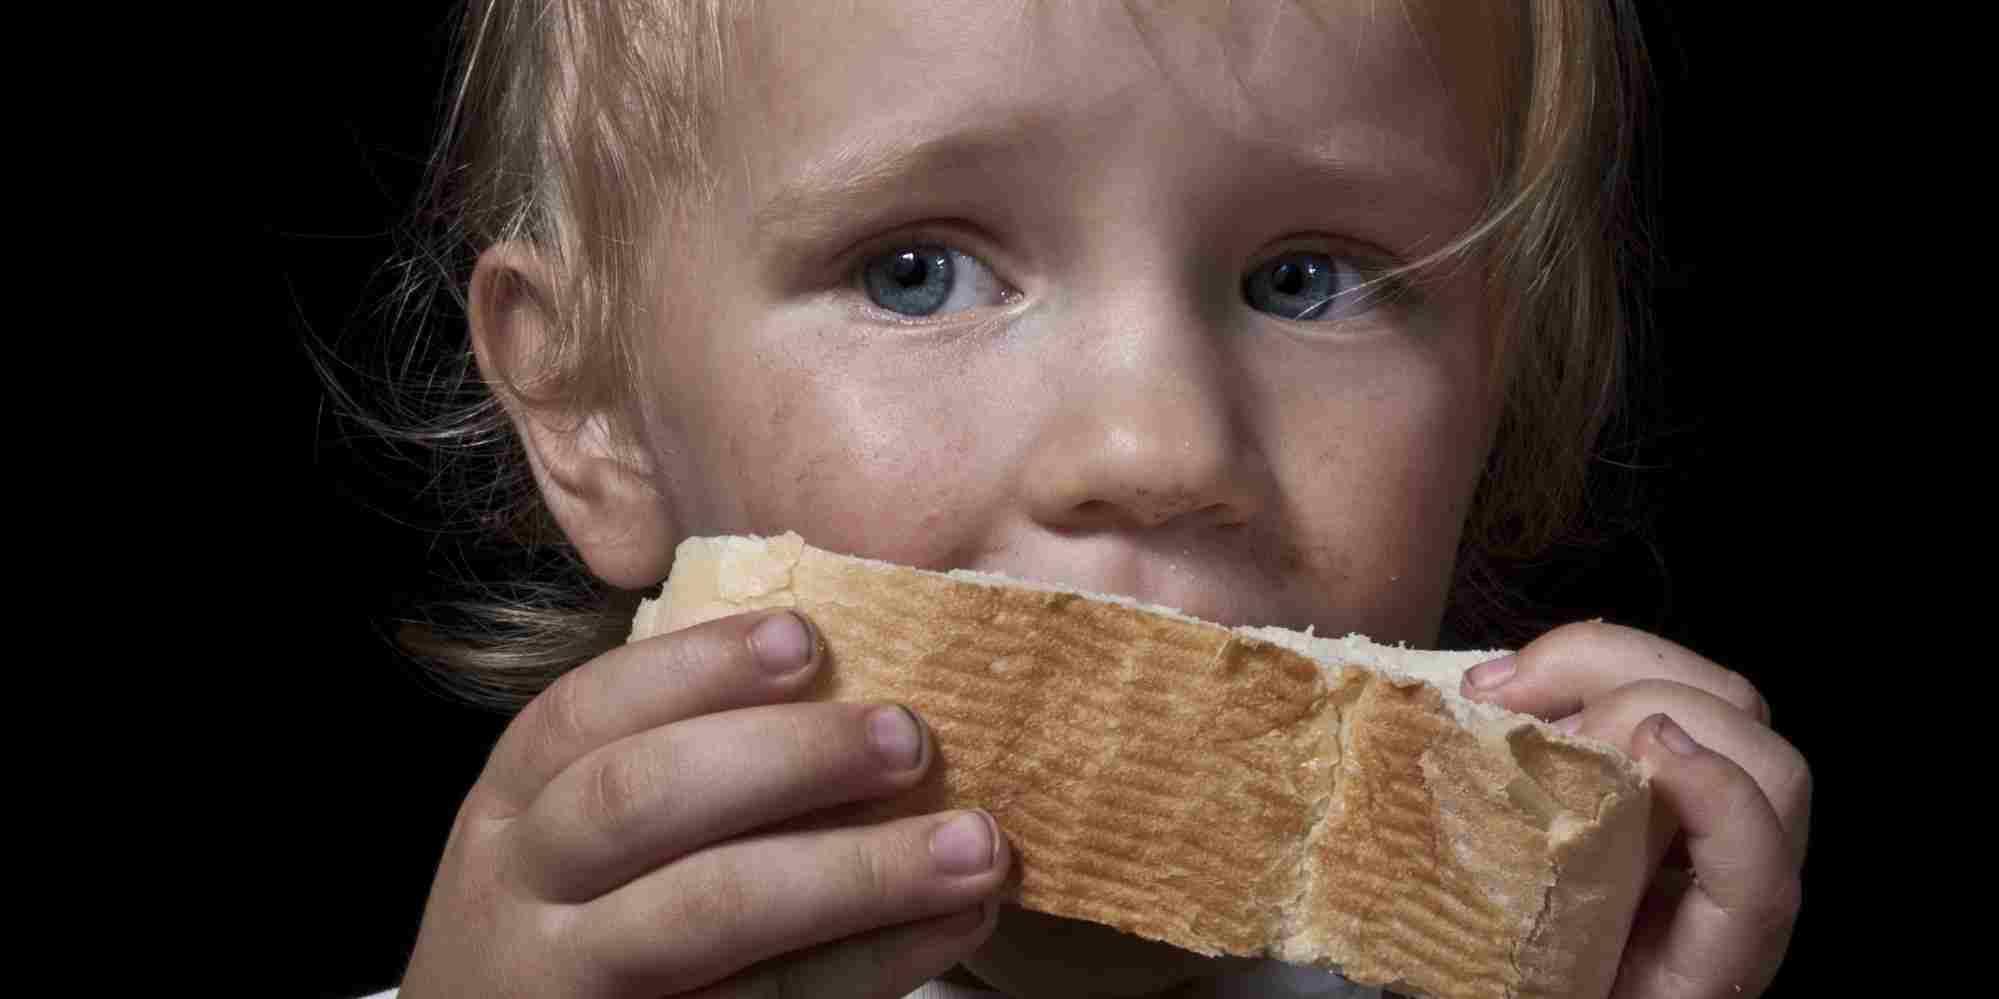 Вегетарианцы поневоле: стоит ли детей втягивать в эксперименты с питанием?